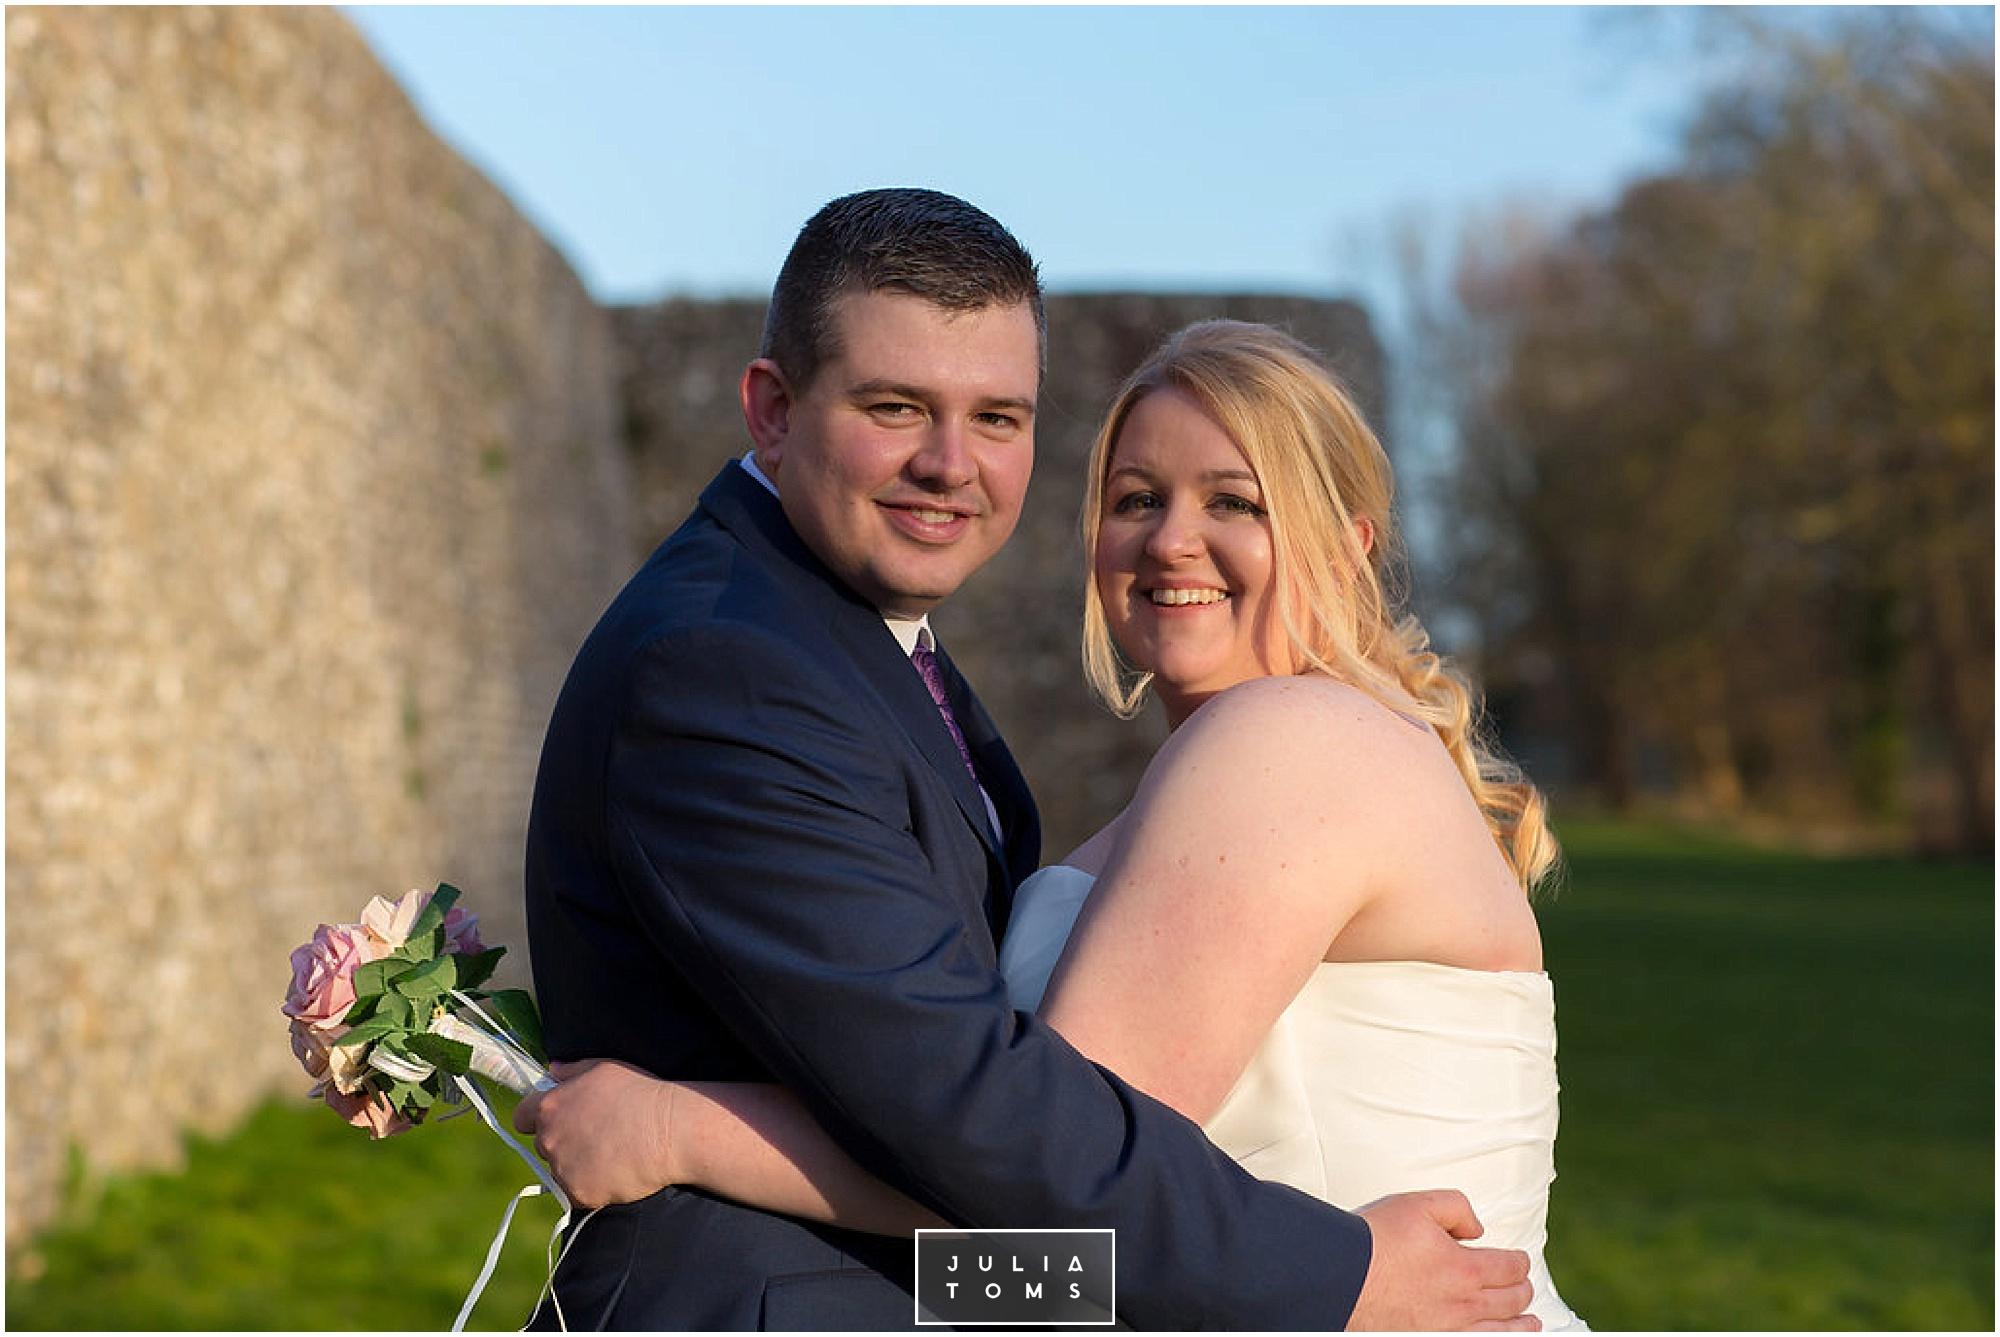 JuliaToms_chichester_wedding_photograher_edes_house_023.jpg